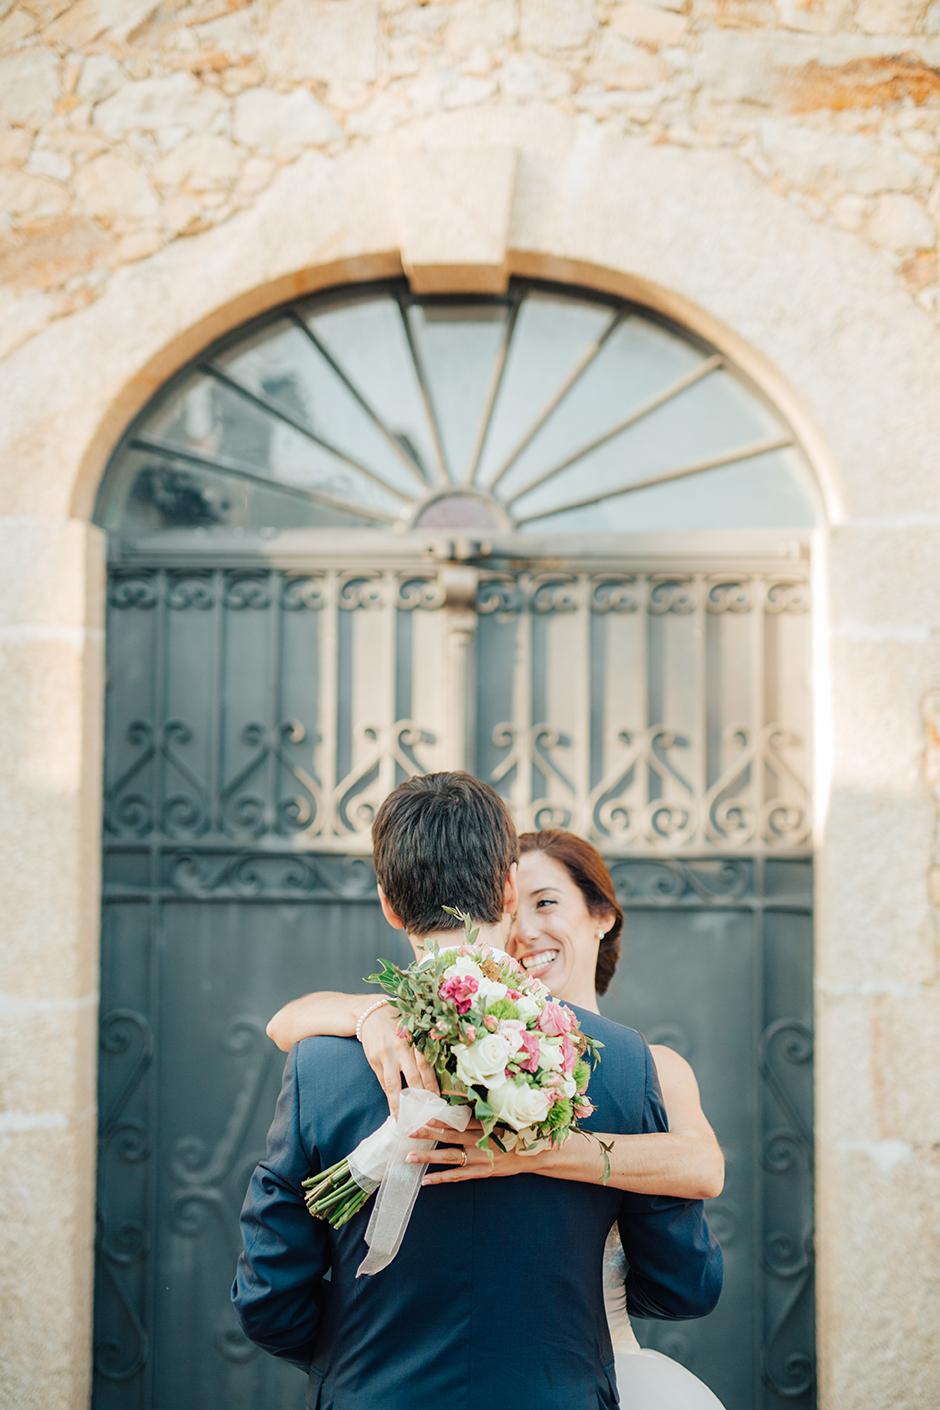 Wedding Casamento Jaime Neto Photography S+S Maio 2015_062